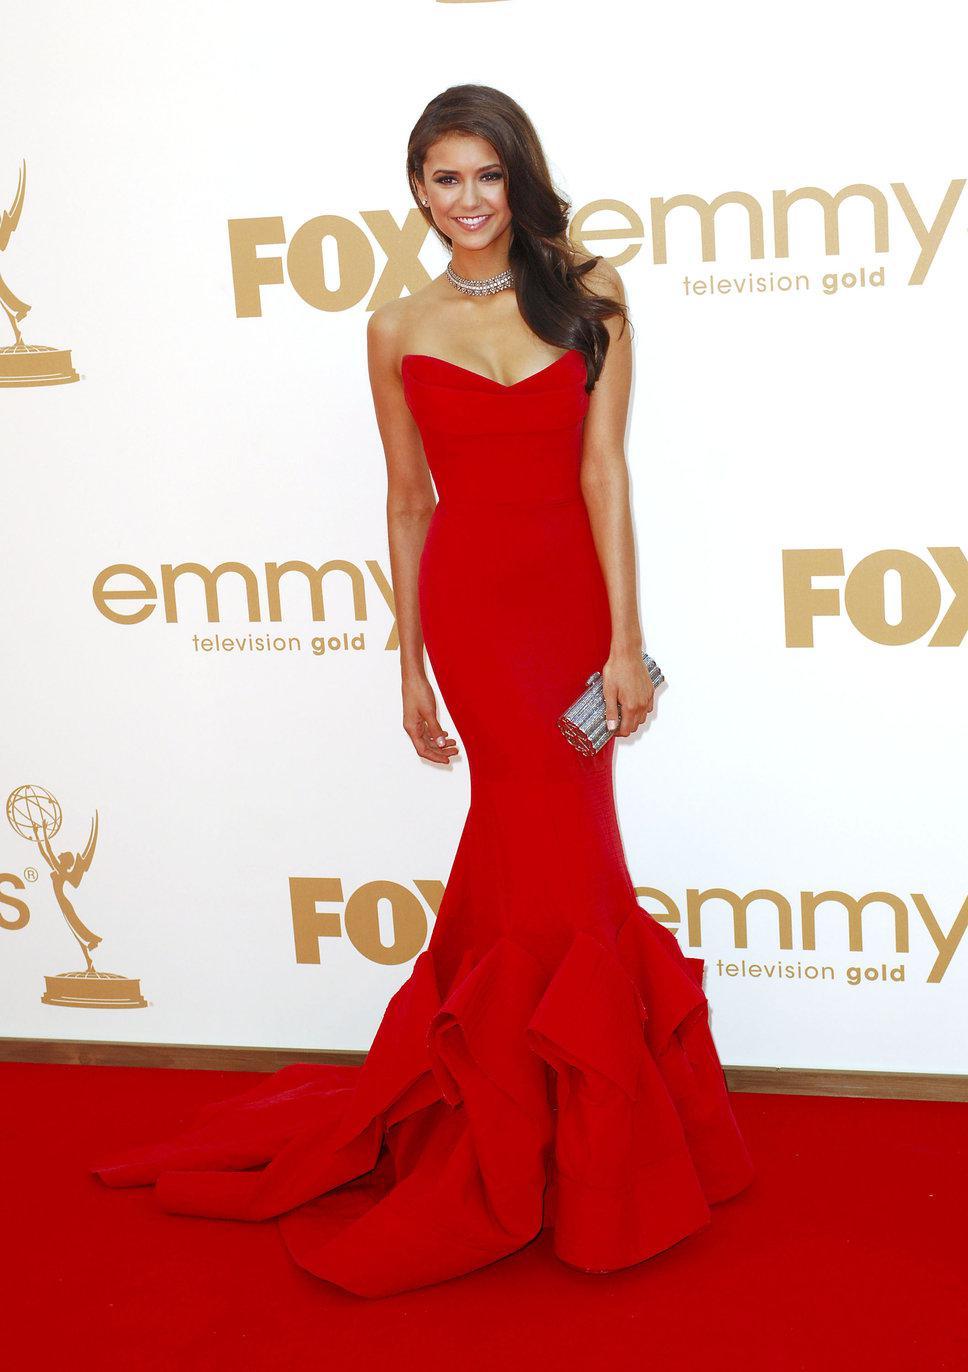 Emmys 2012 Nina Dobrev In Red Satin Stapless Fashion Mermaid Dress ...